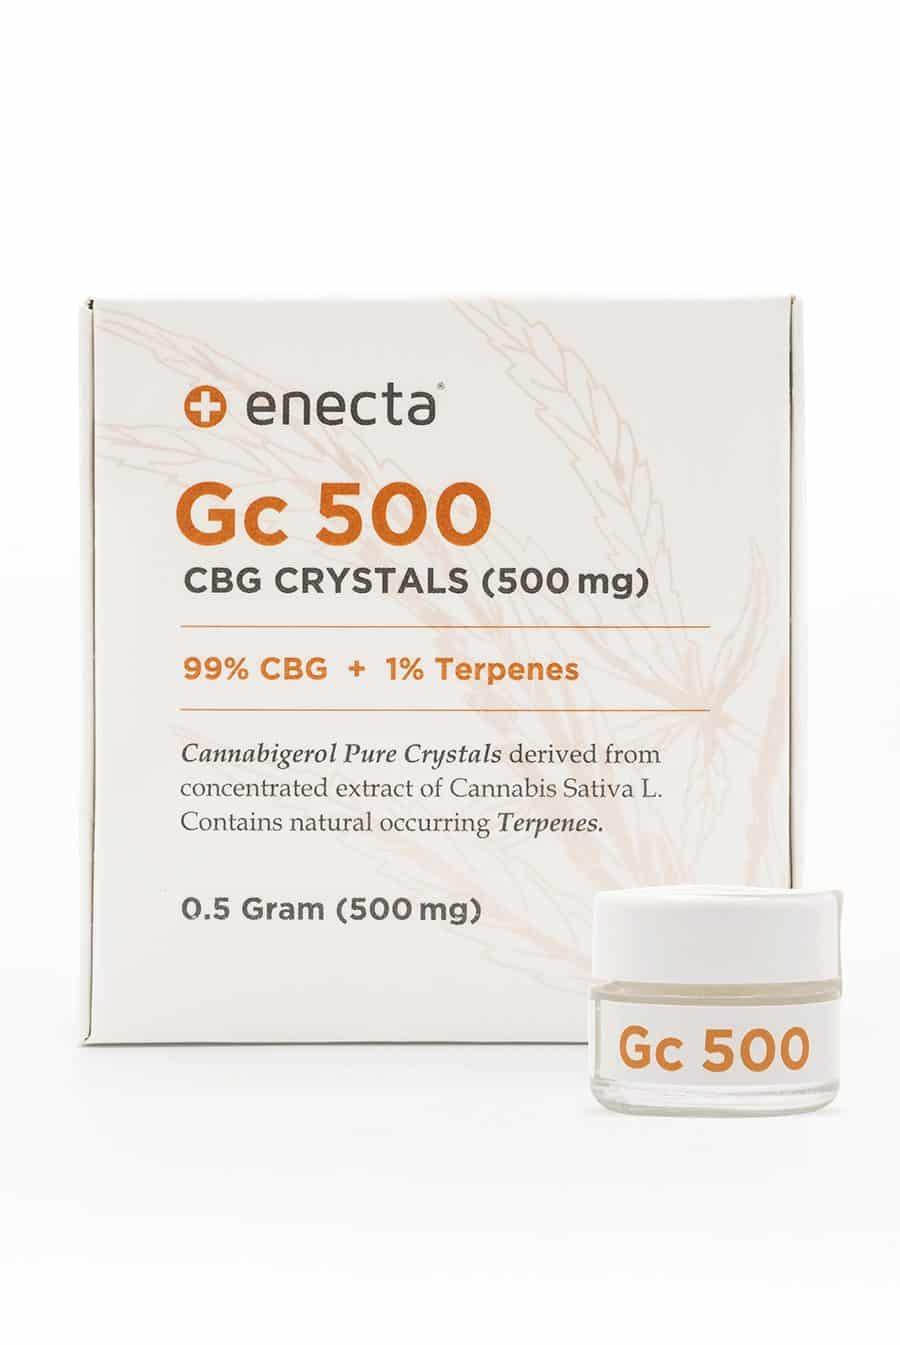 Enecta GC 500